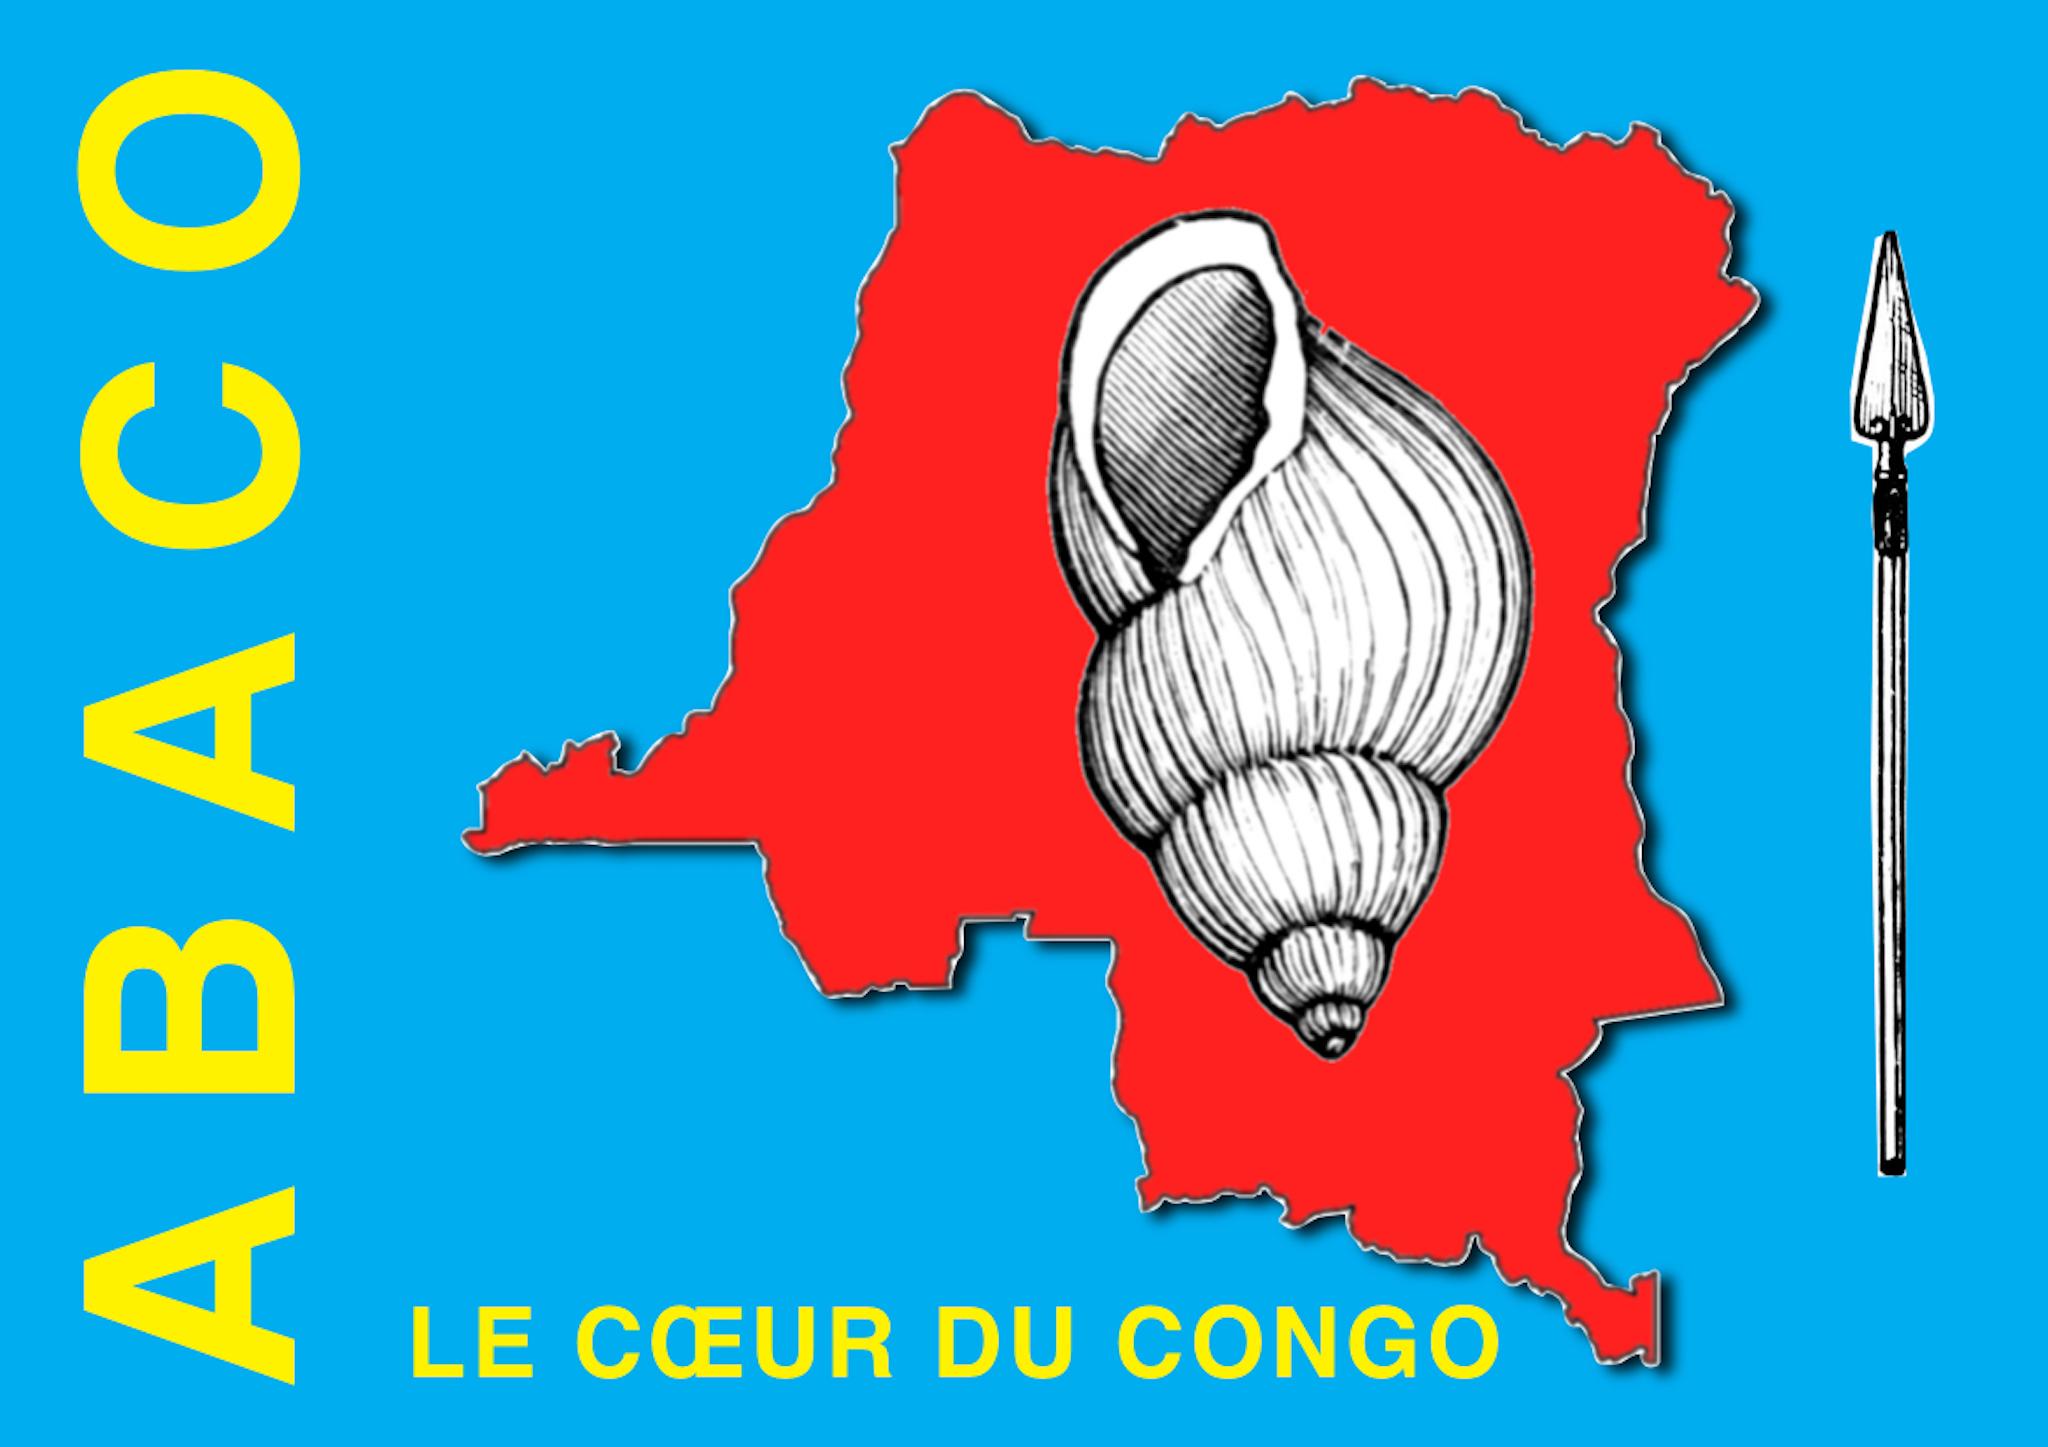 Communiqué de presse n° 20180114/001 relatif à un sursaut républicain et patriotique en RDC